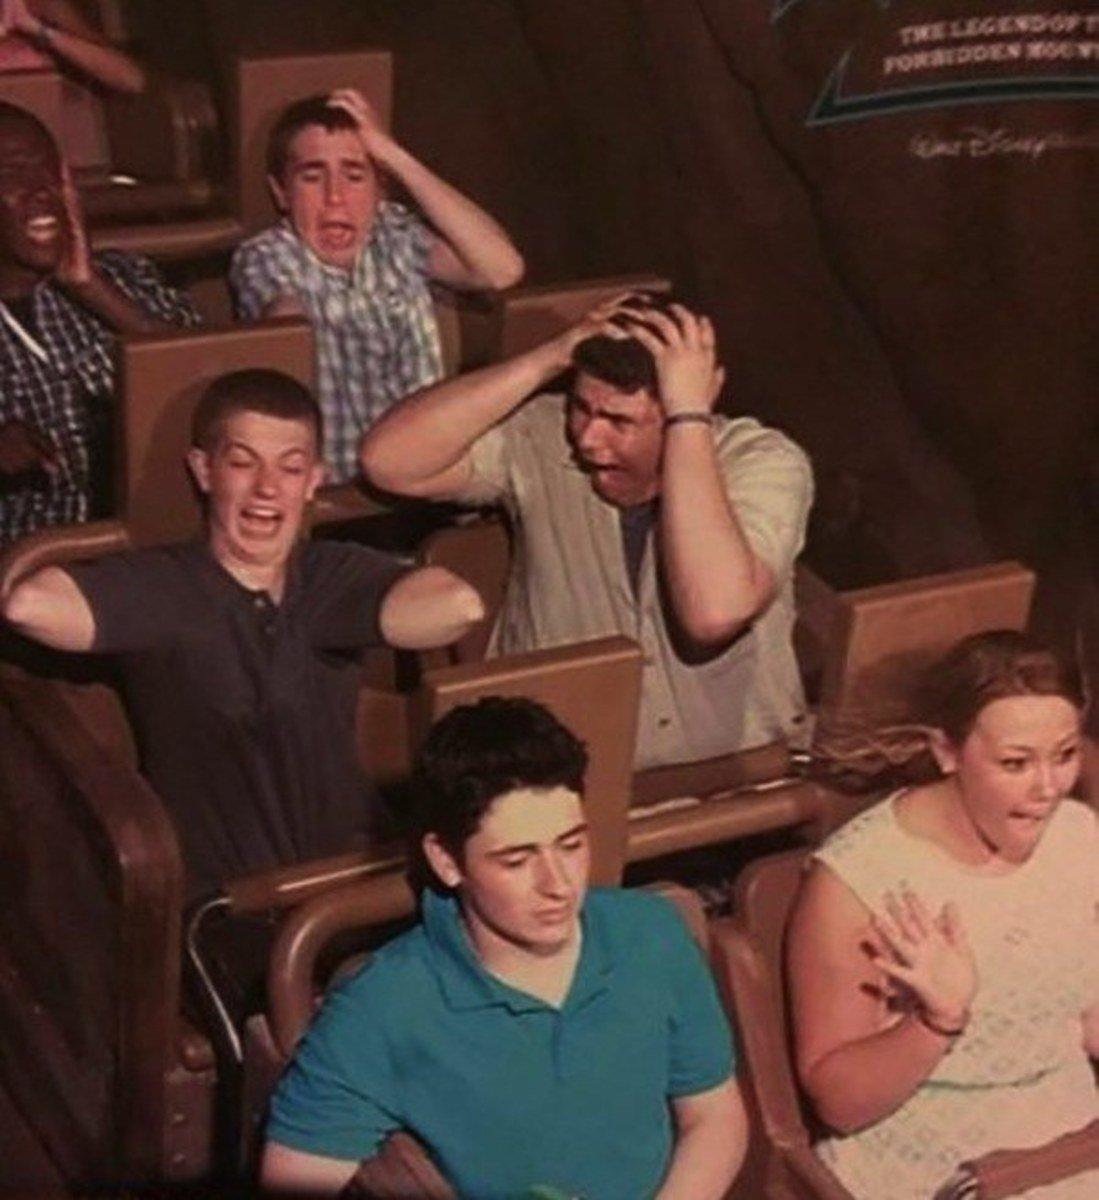 funny roller coaster photos no arms